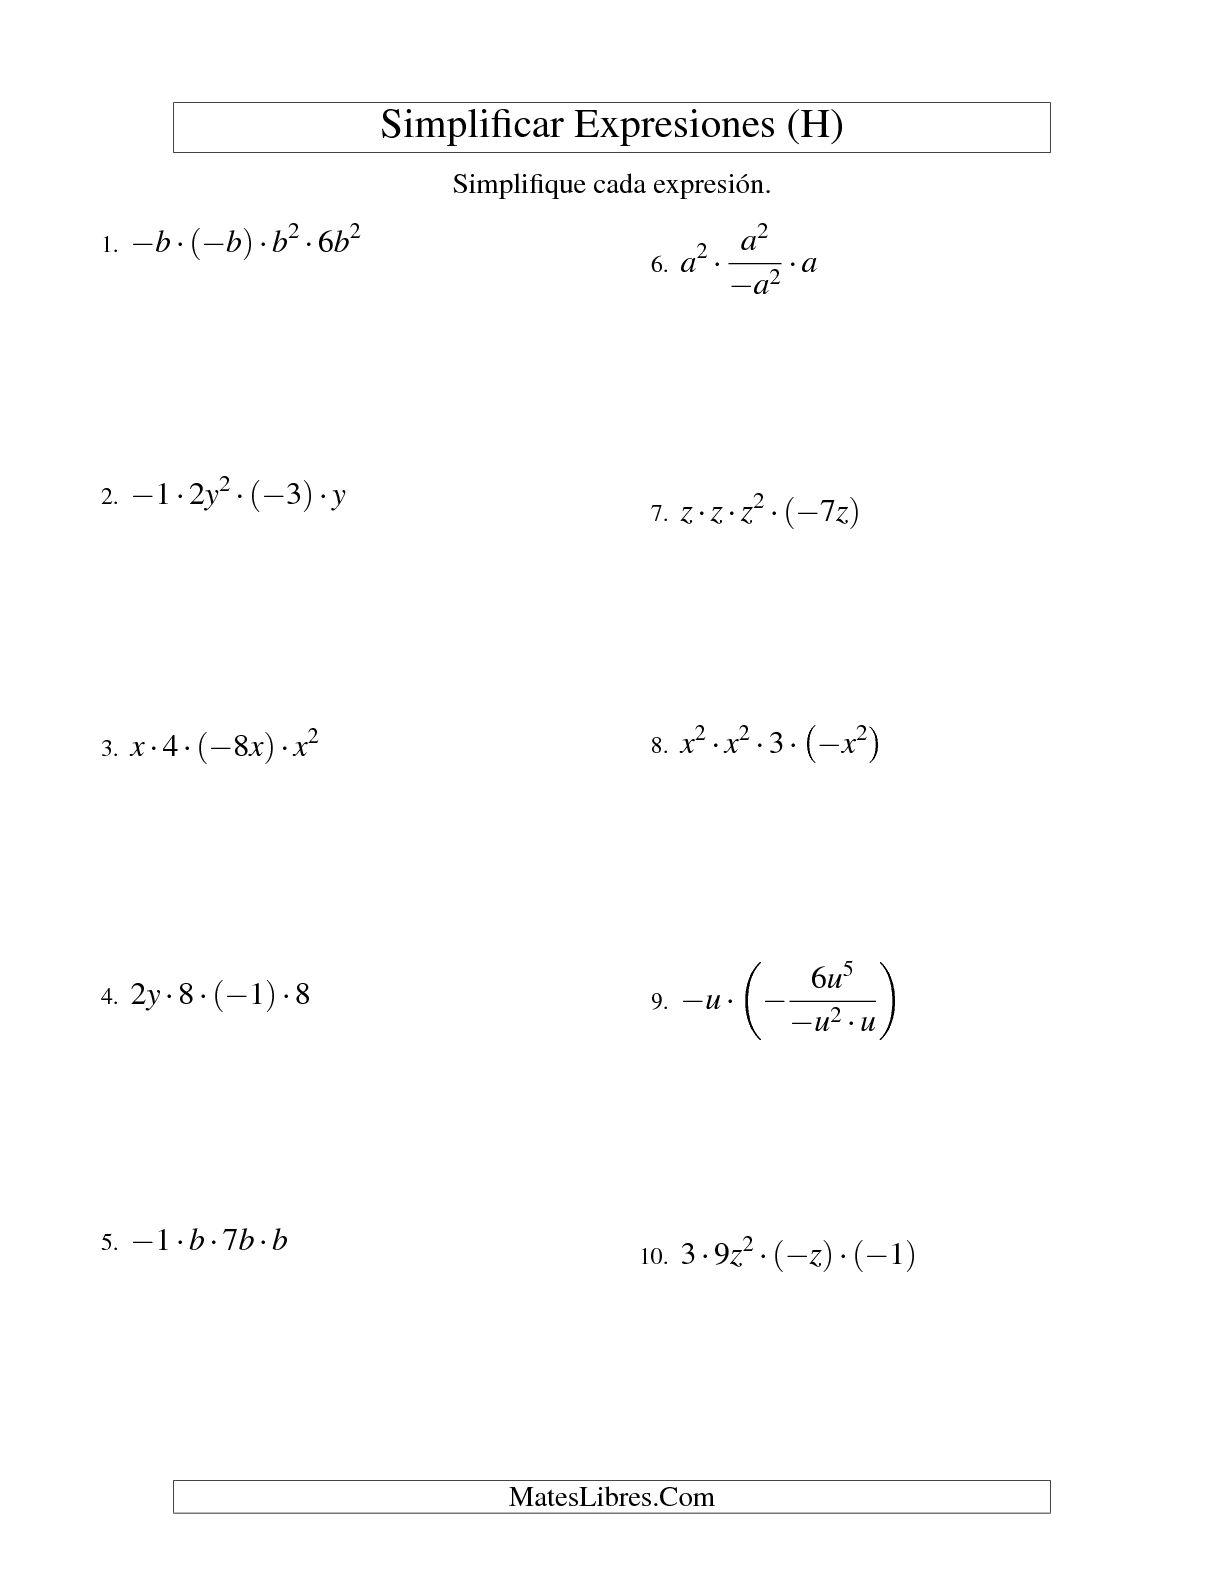 Simplificar Expresiones Algebraicas Multiplicacion Y Division Una Variable Cuatro Terminos H